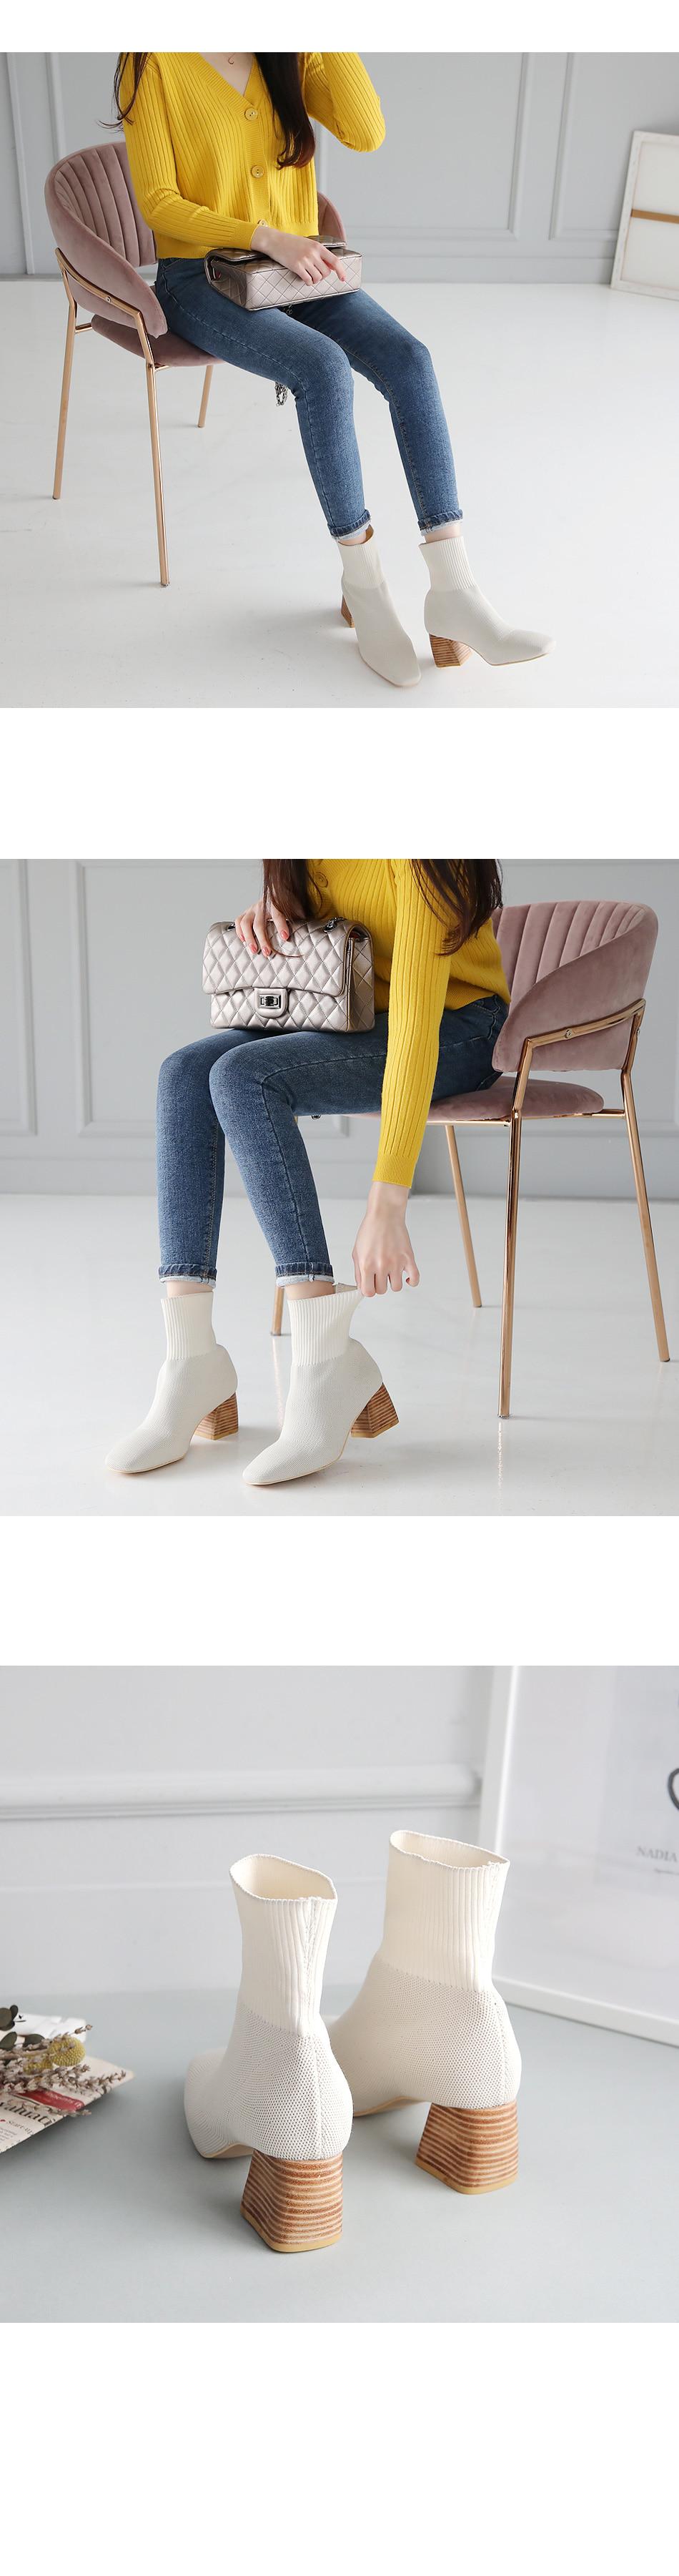 Encaron Sachs Ankle Boots 6cm